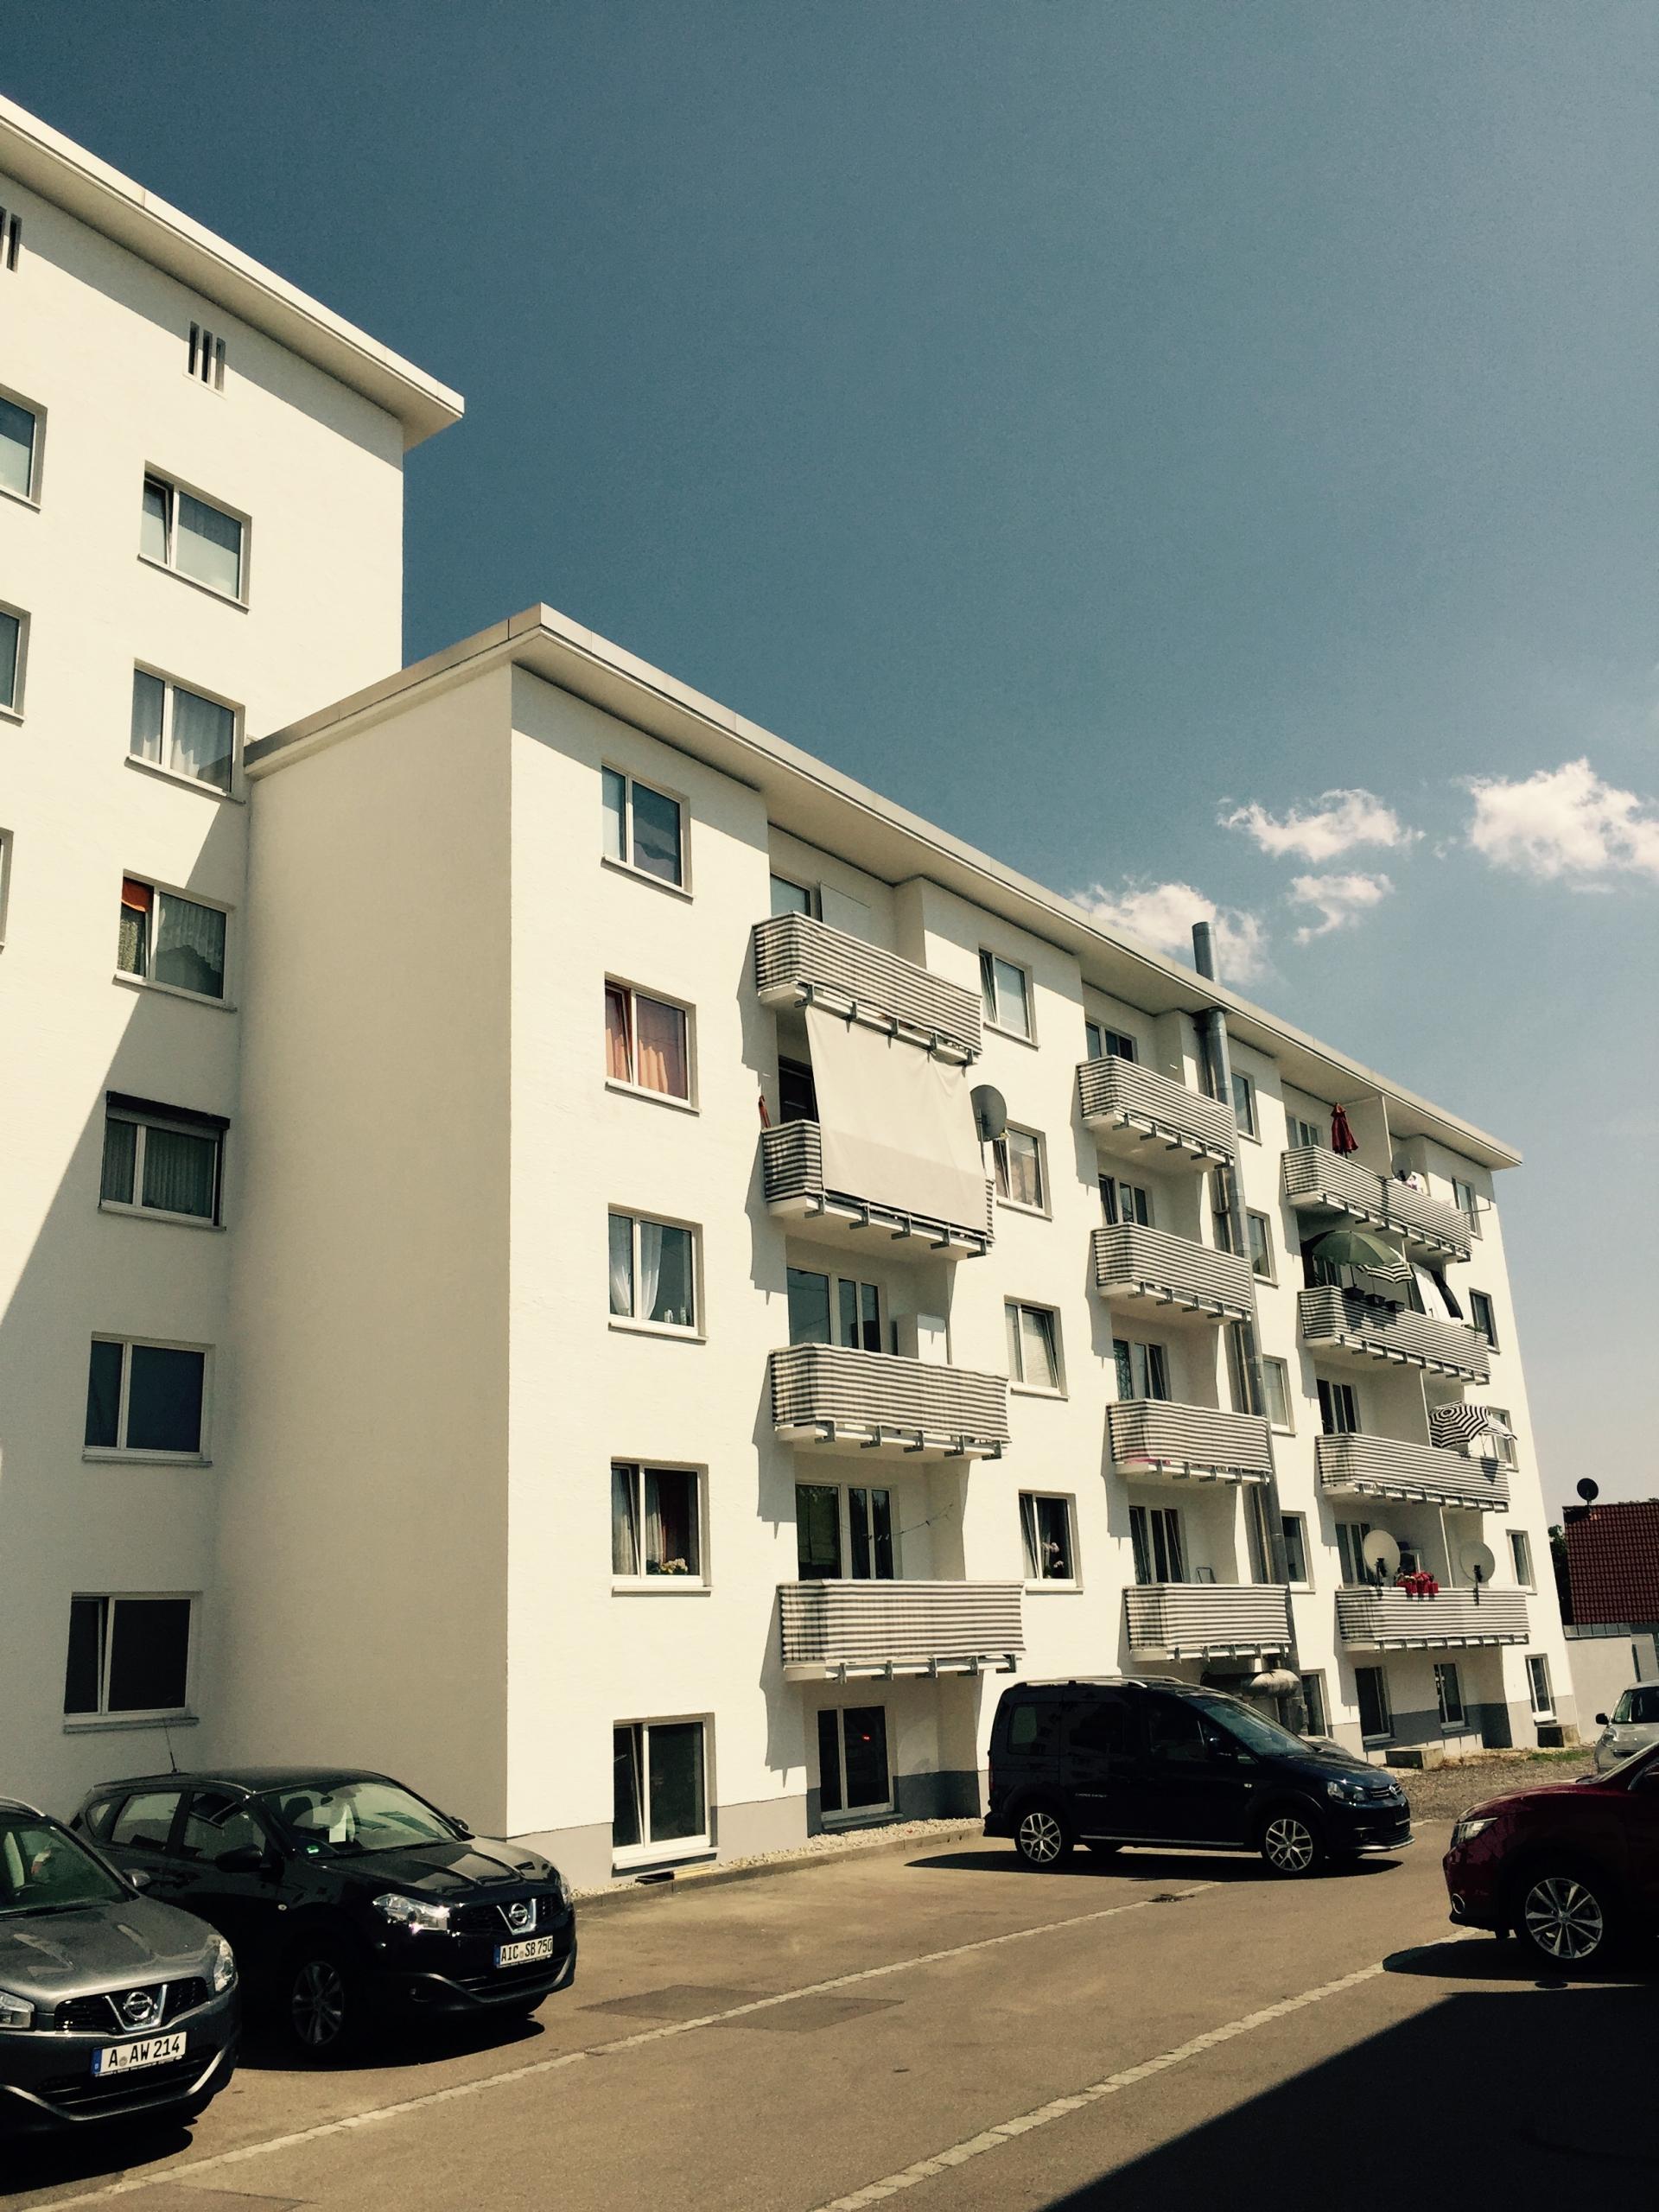 Ulmer Landstraße in Augsburg/Stadtbergen